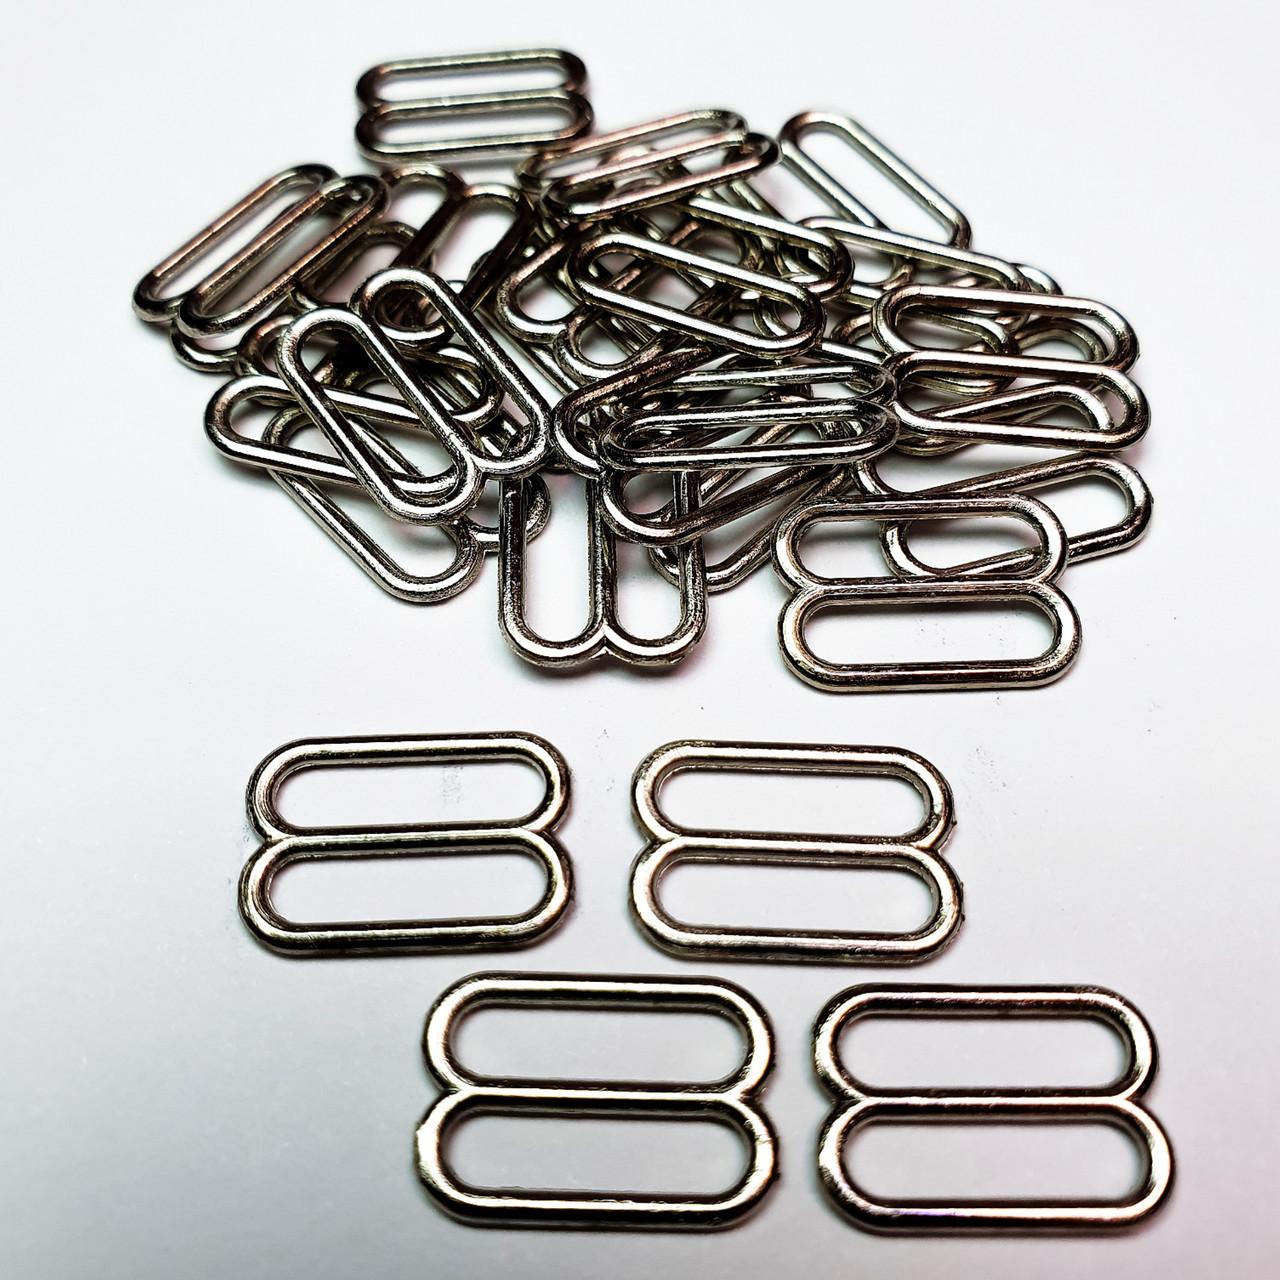 Перетяжка для бюстгальтера, для бретелей, регулятори 15 мм метал чорний нікель (20 шт/уп).